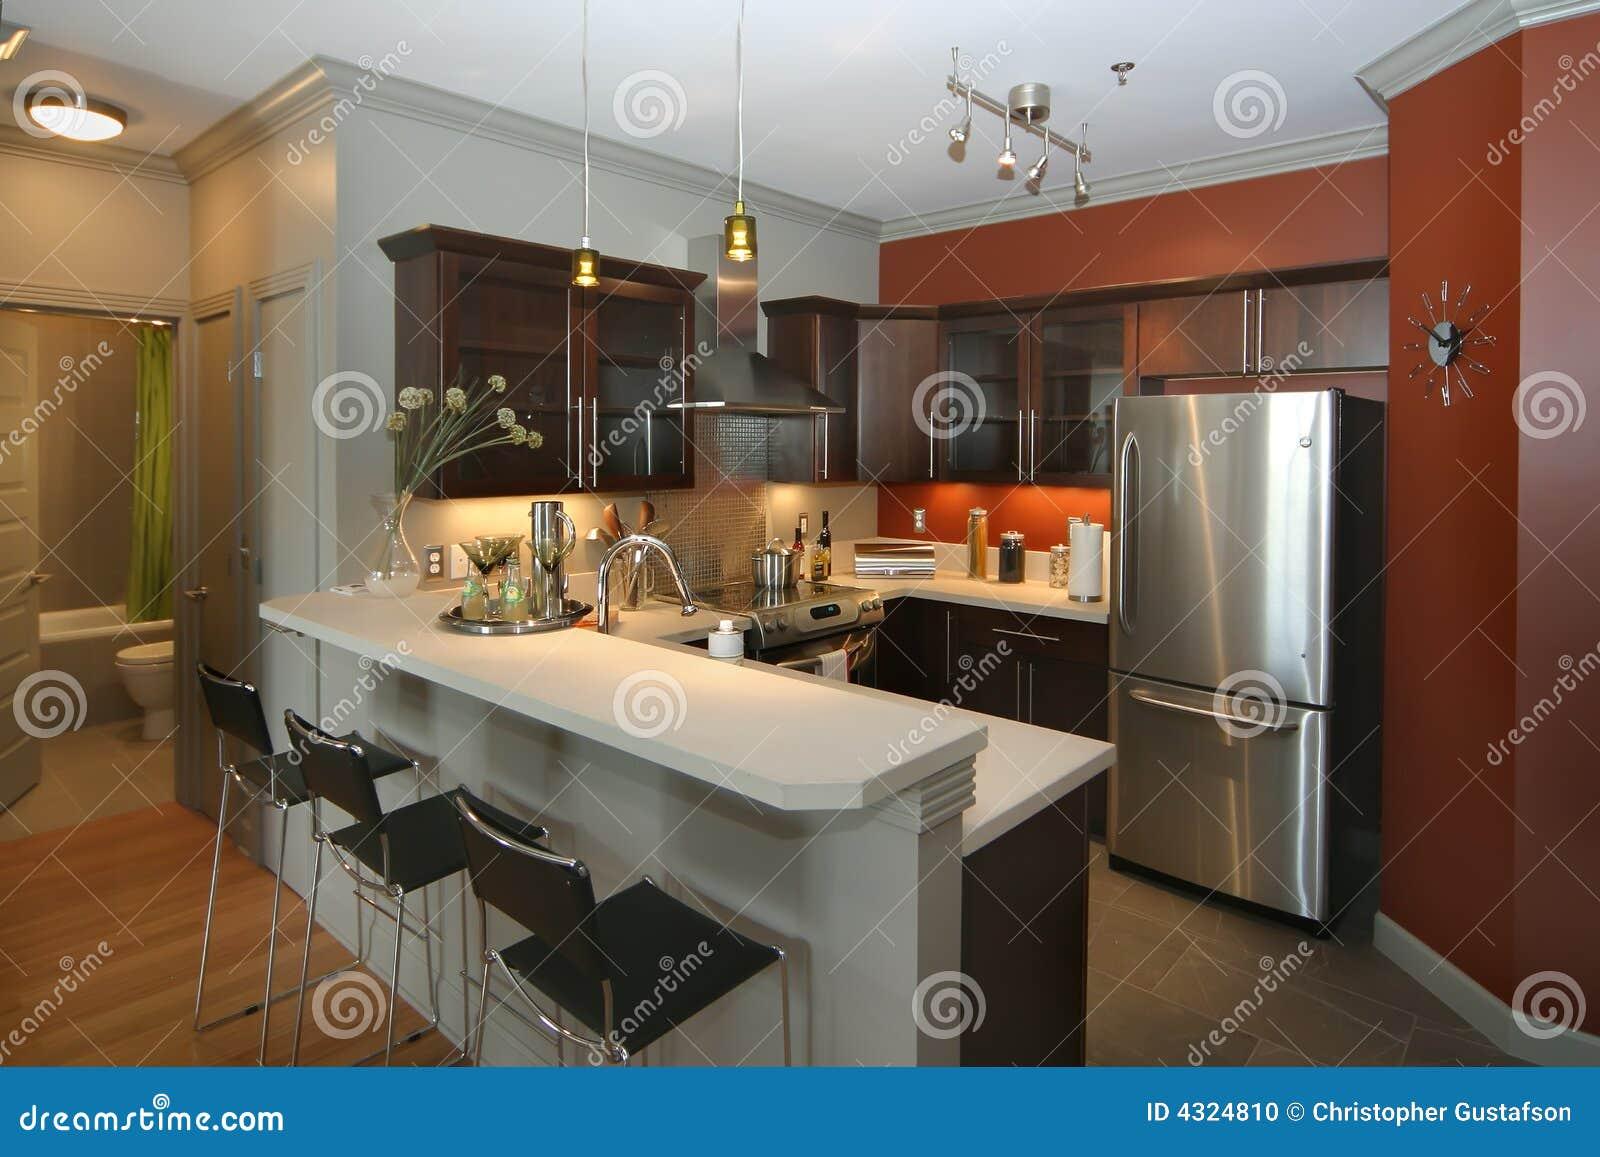 Cocina moderna con rea de la barra foto de archivo for Cocinas modernas con barra